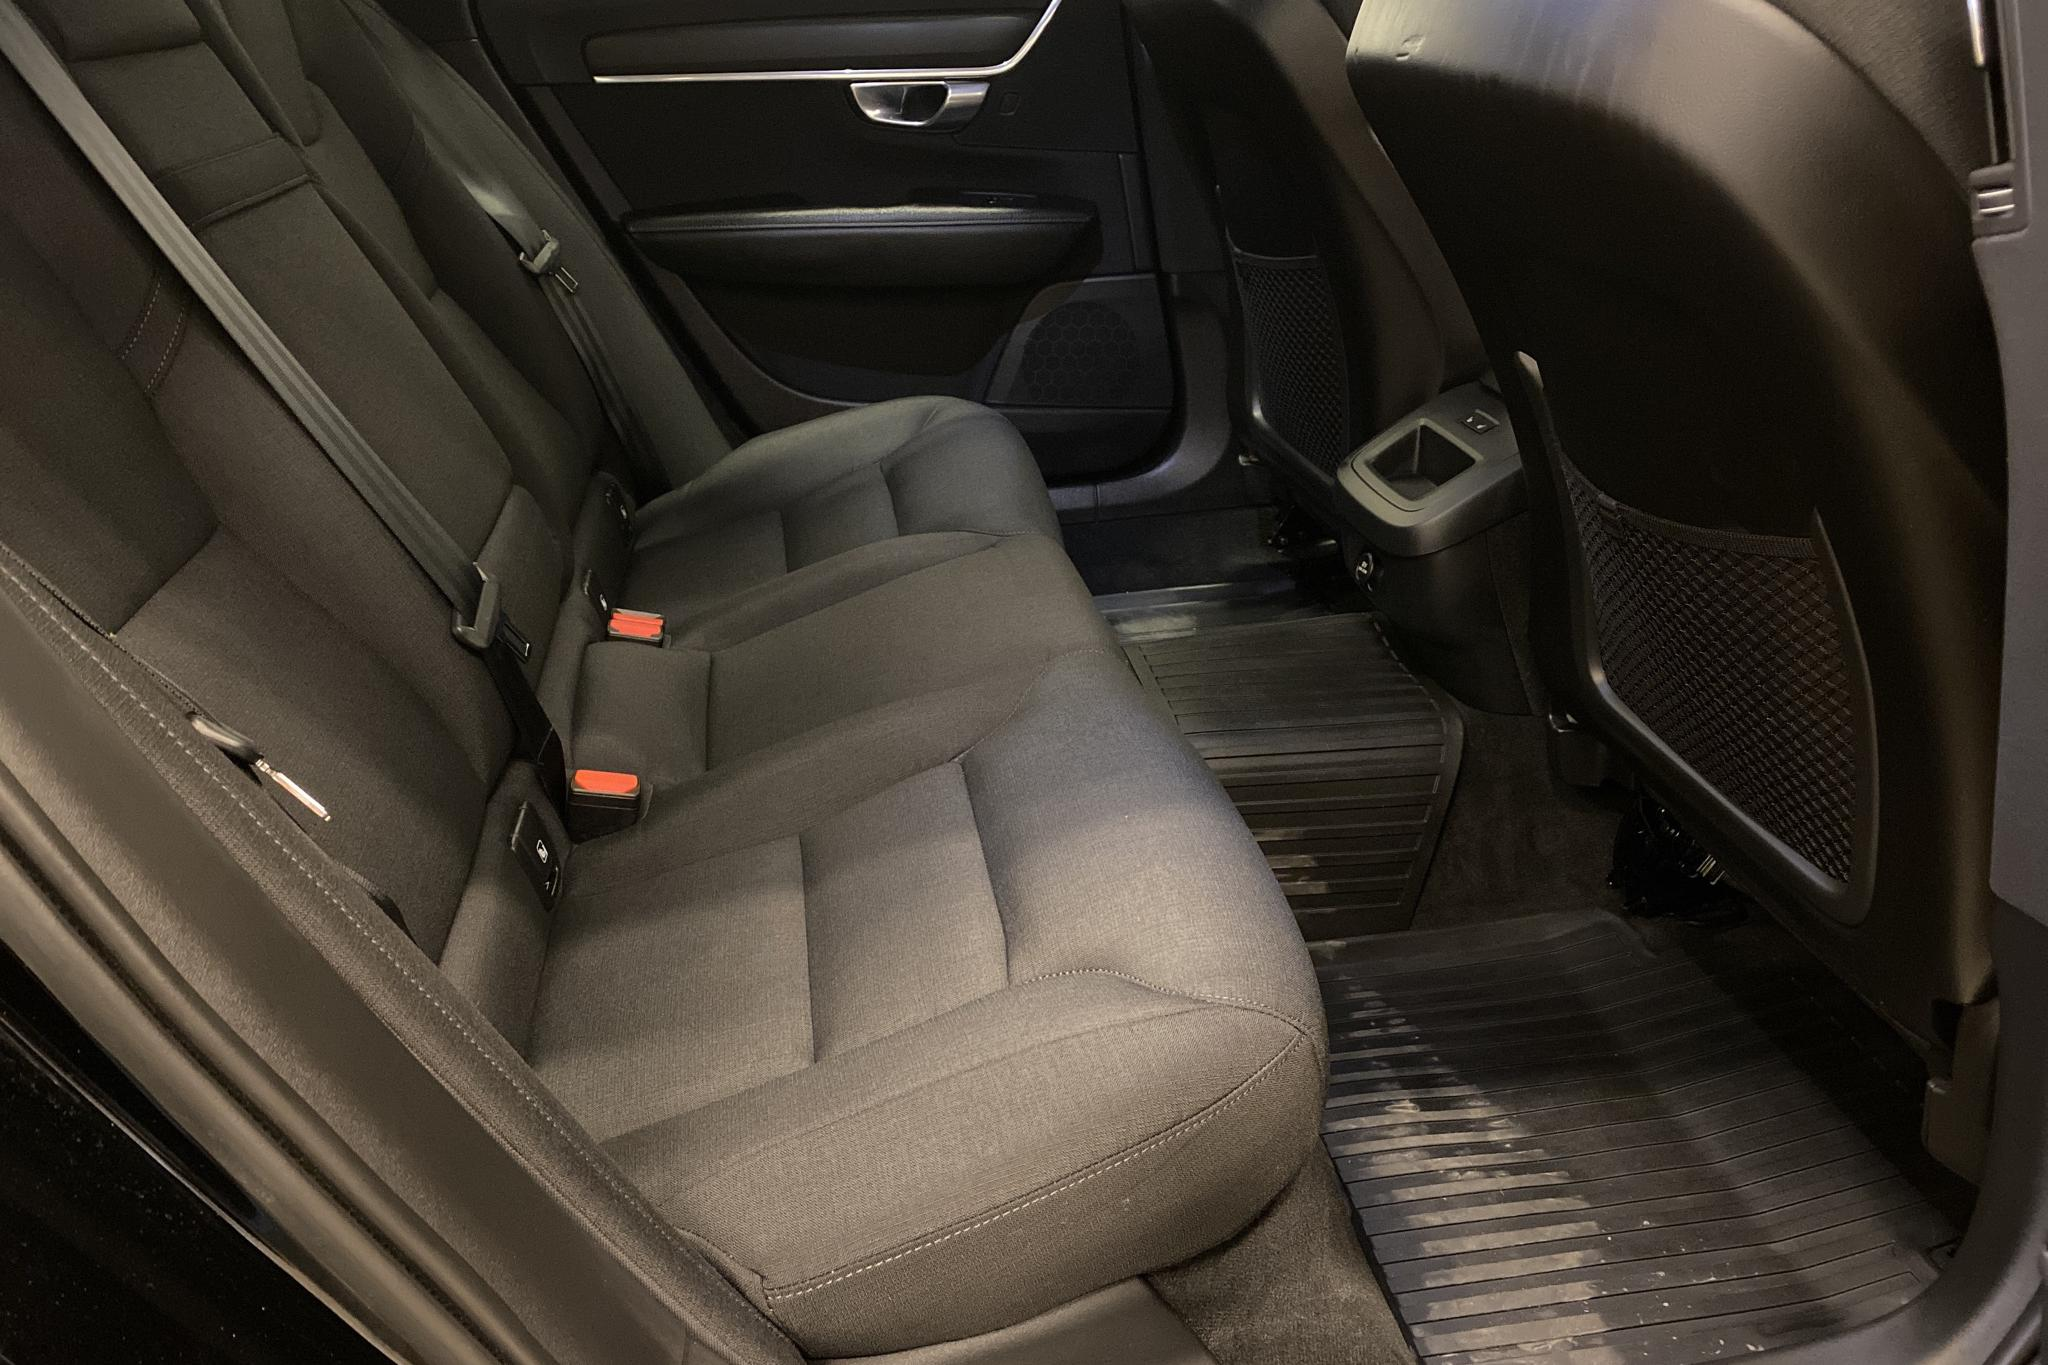 Volvo V90 D3 AWD (150hk) - 38 690 km - Automatic - black - 2018